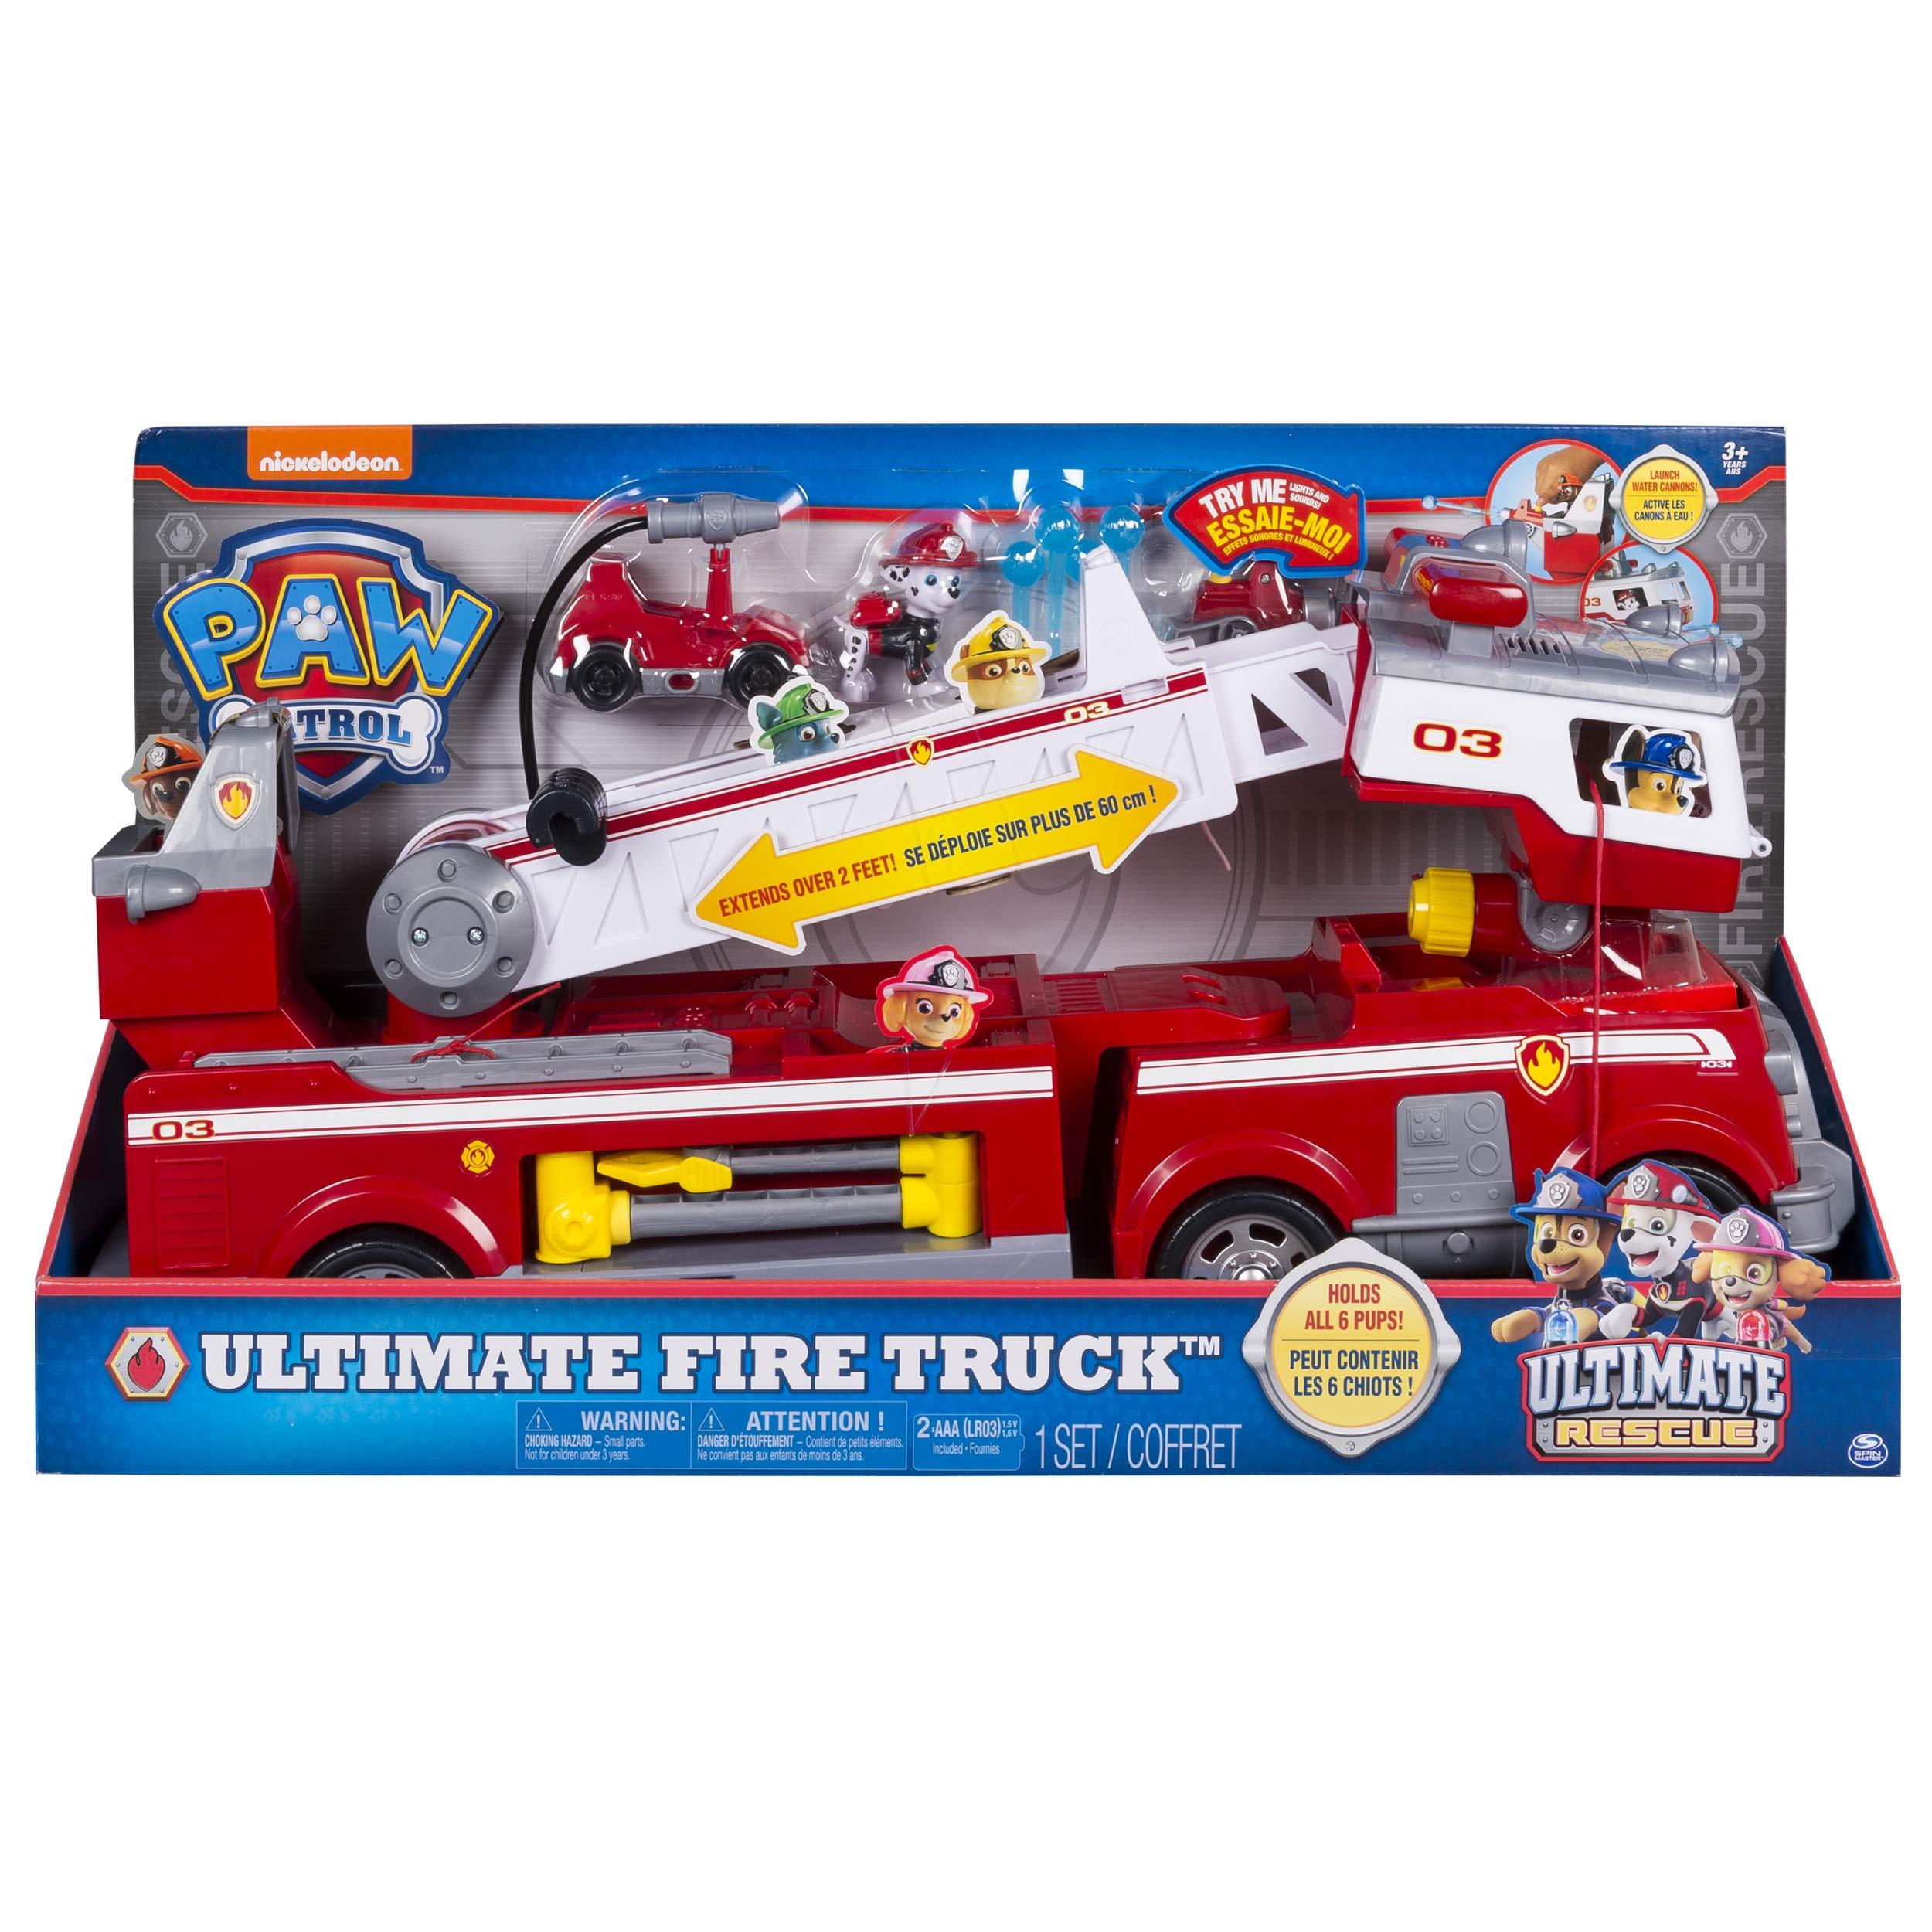 Paw Patrol Ultimate Rescue Fire Truck vehículo de juguete – Versión IMPORTADA